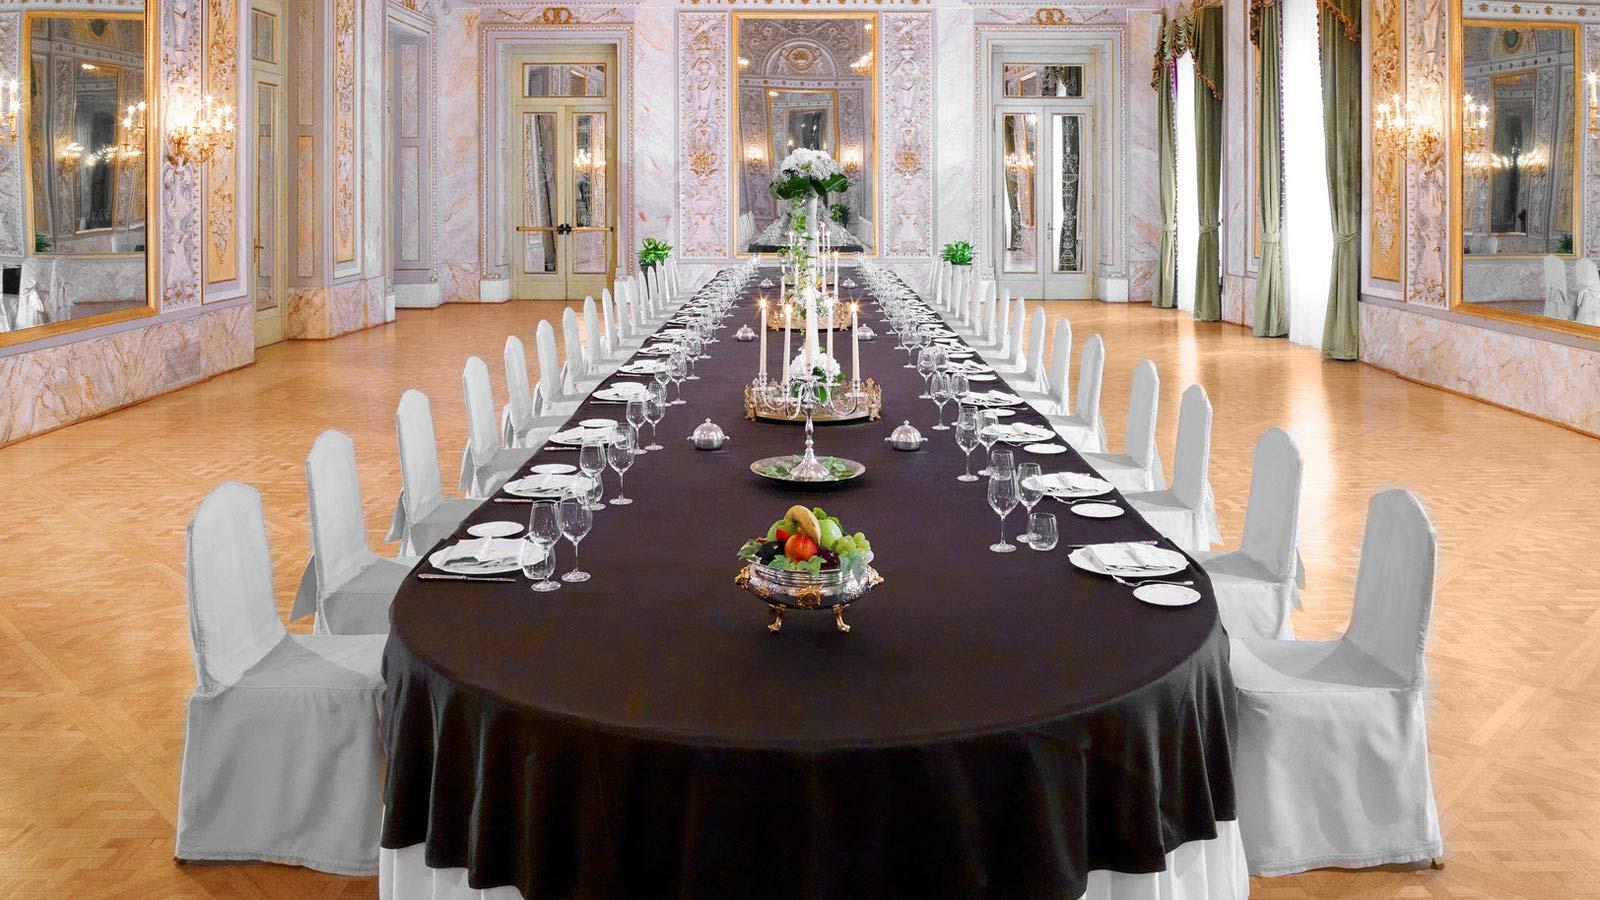 インド人と高級ホテル_a0136671_0252676.jpg